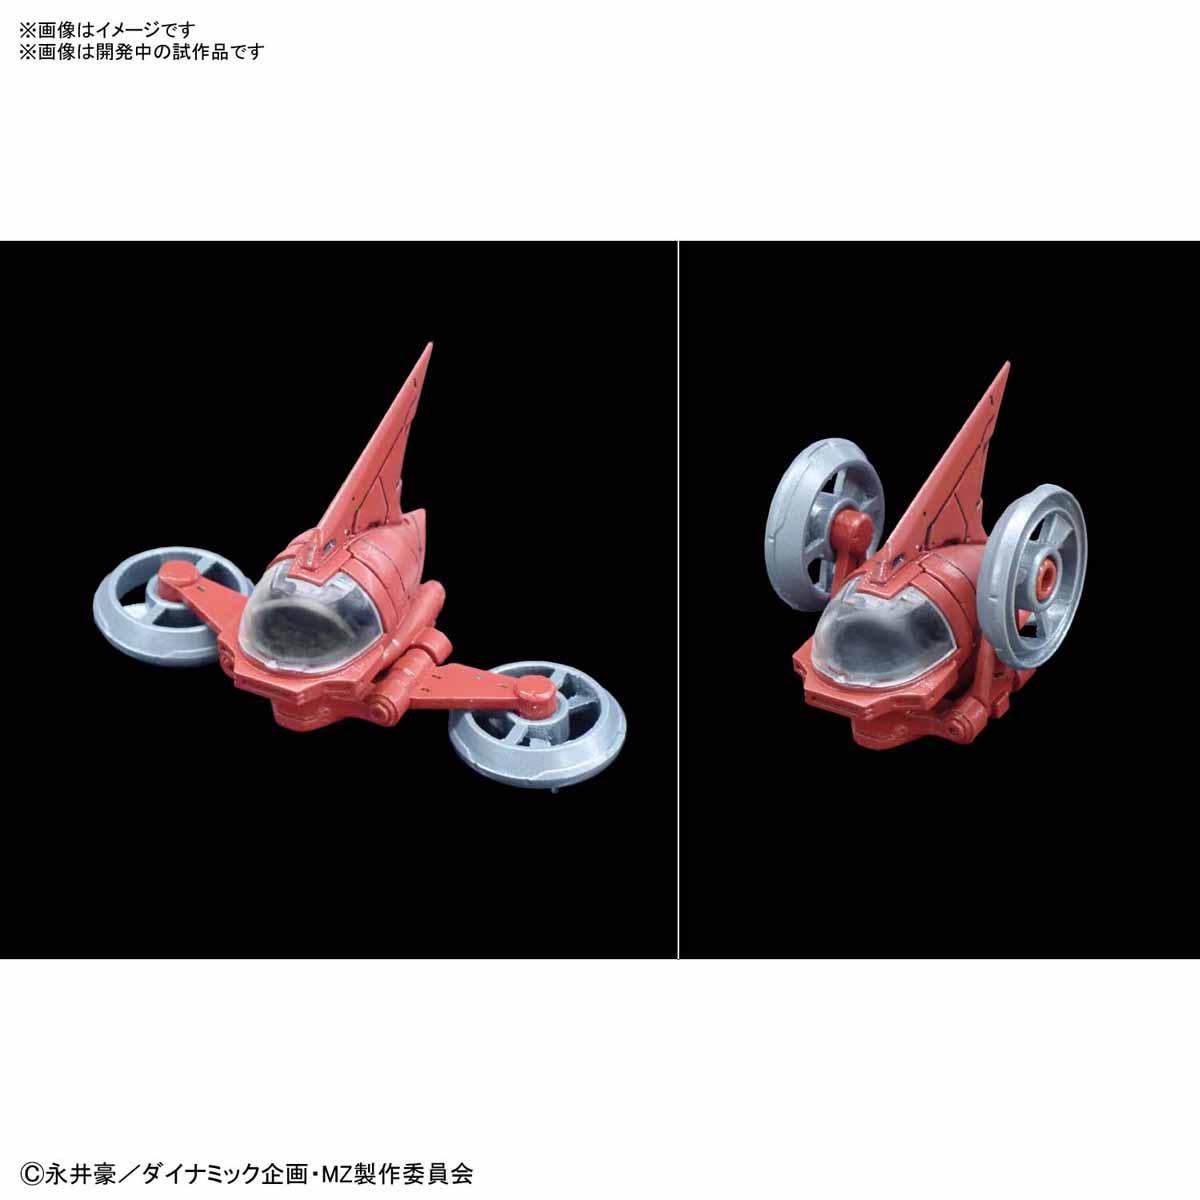 1/60『マジンガーZ(マジンガーZ INFINITY Ver.)』プラモデル-006